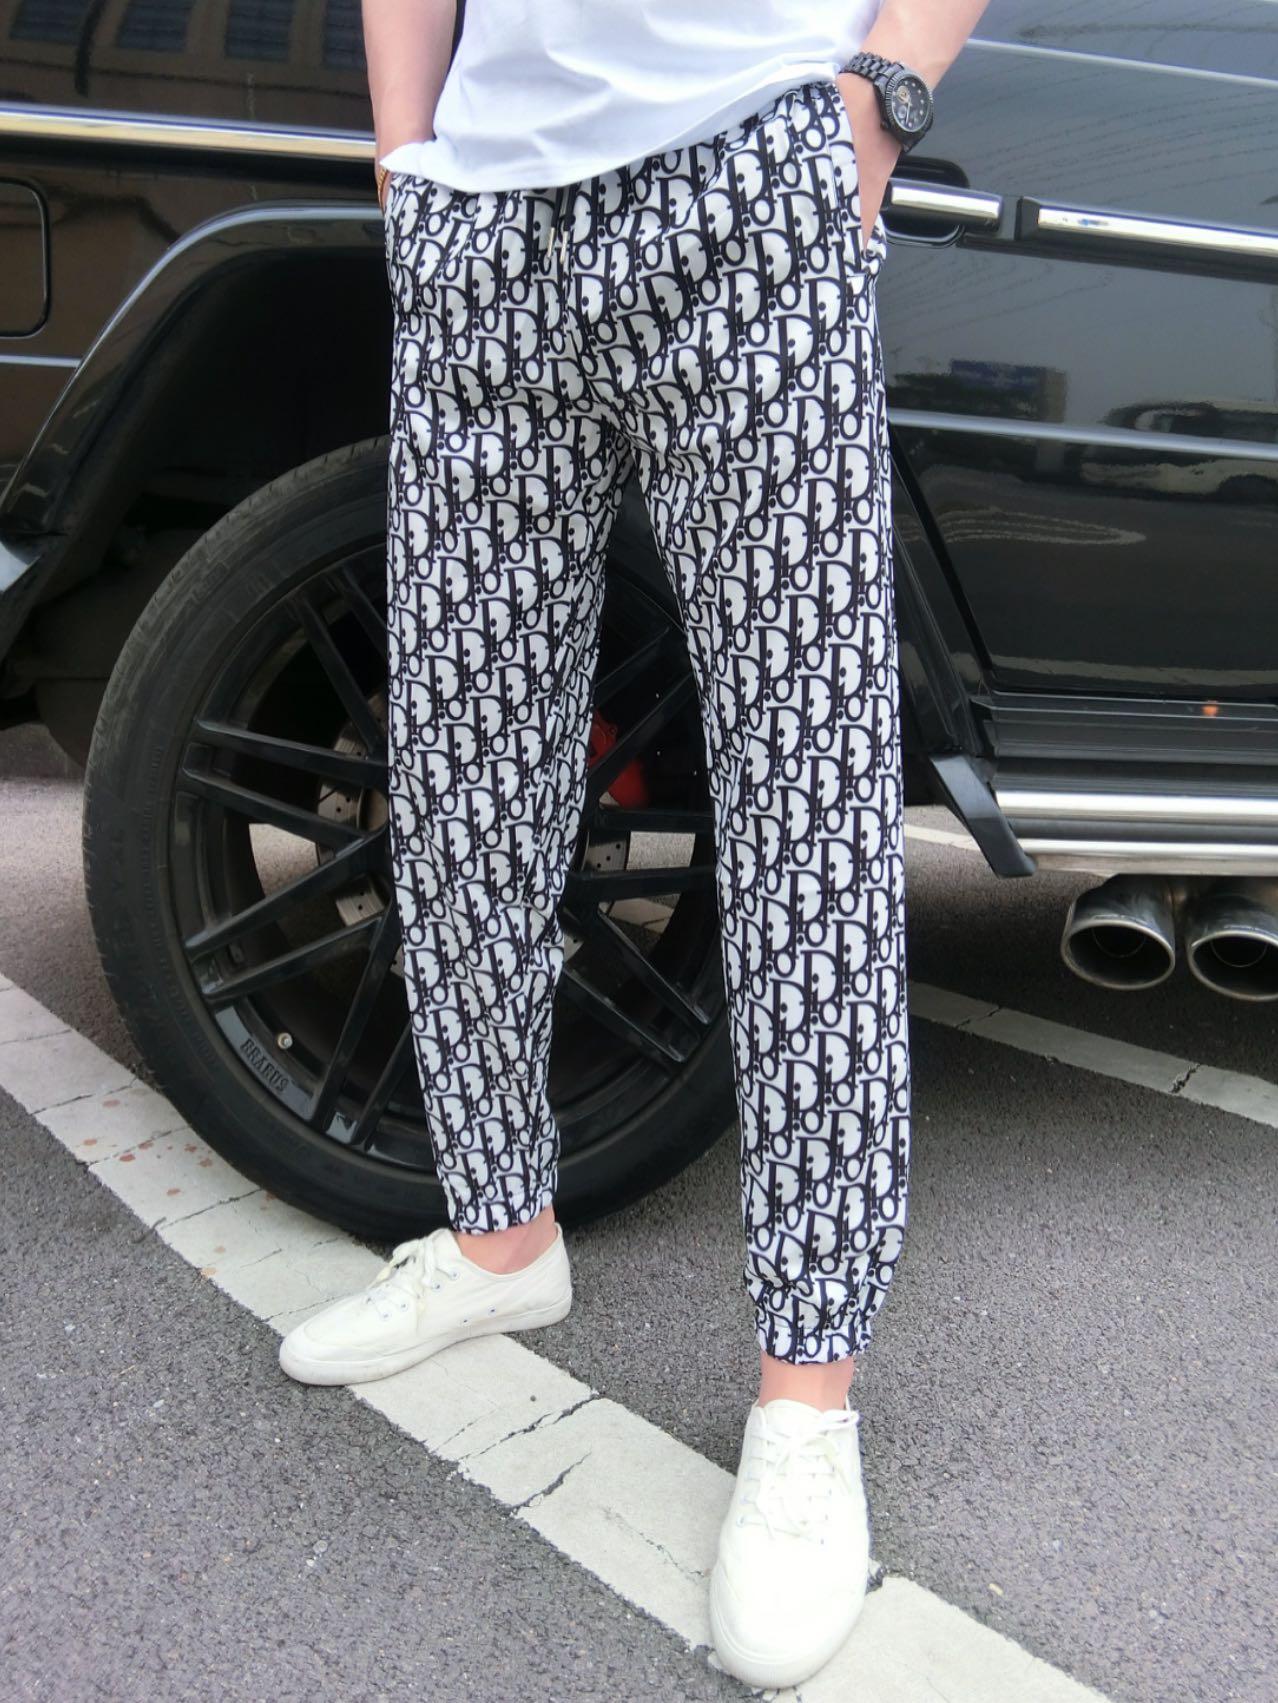 热销20件限时2件3折皇家男爵v欧洲站高档男夏季冰丝超薄滑料舒适修身精神小伙小脚裤